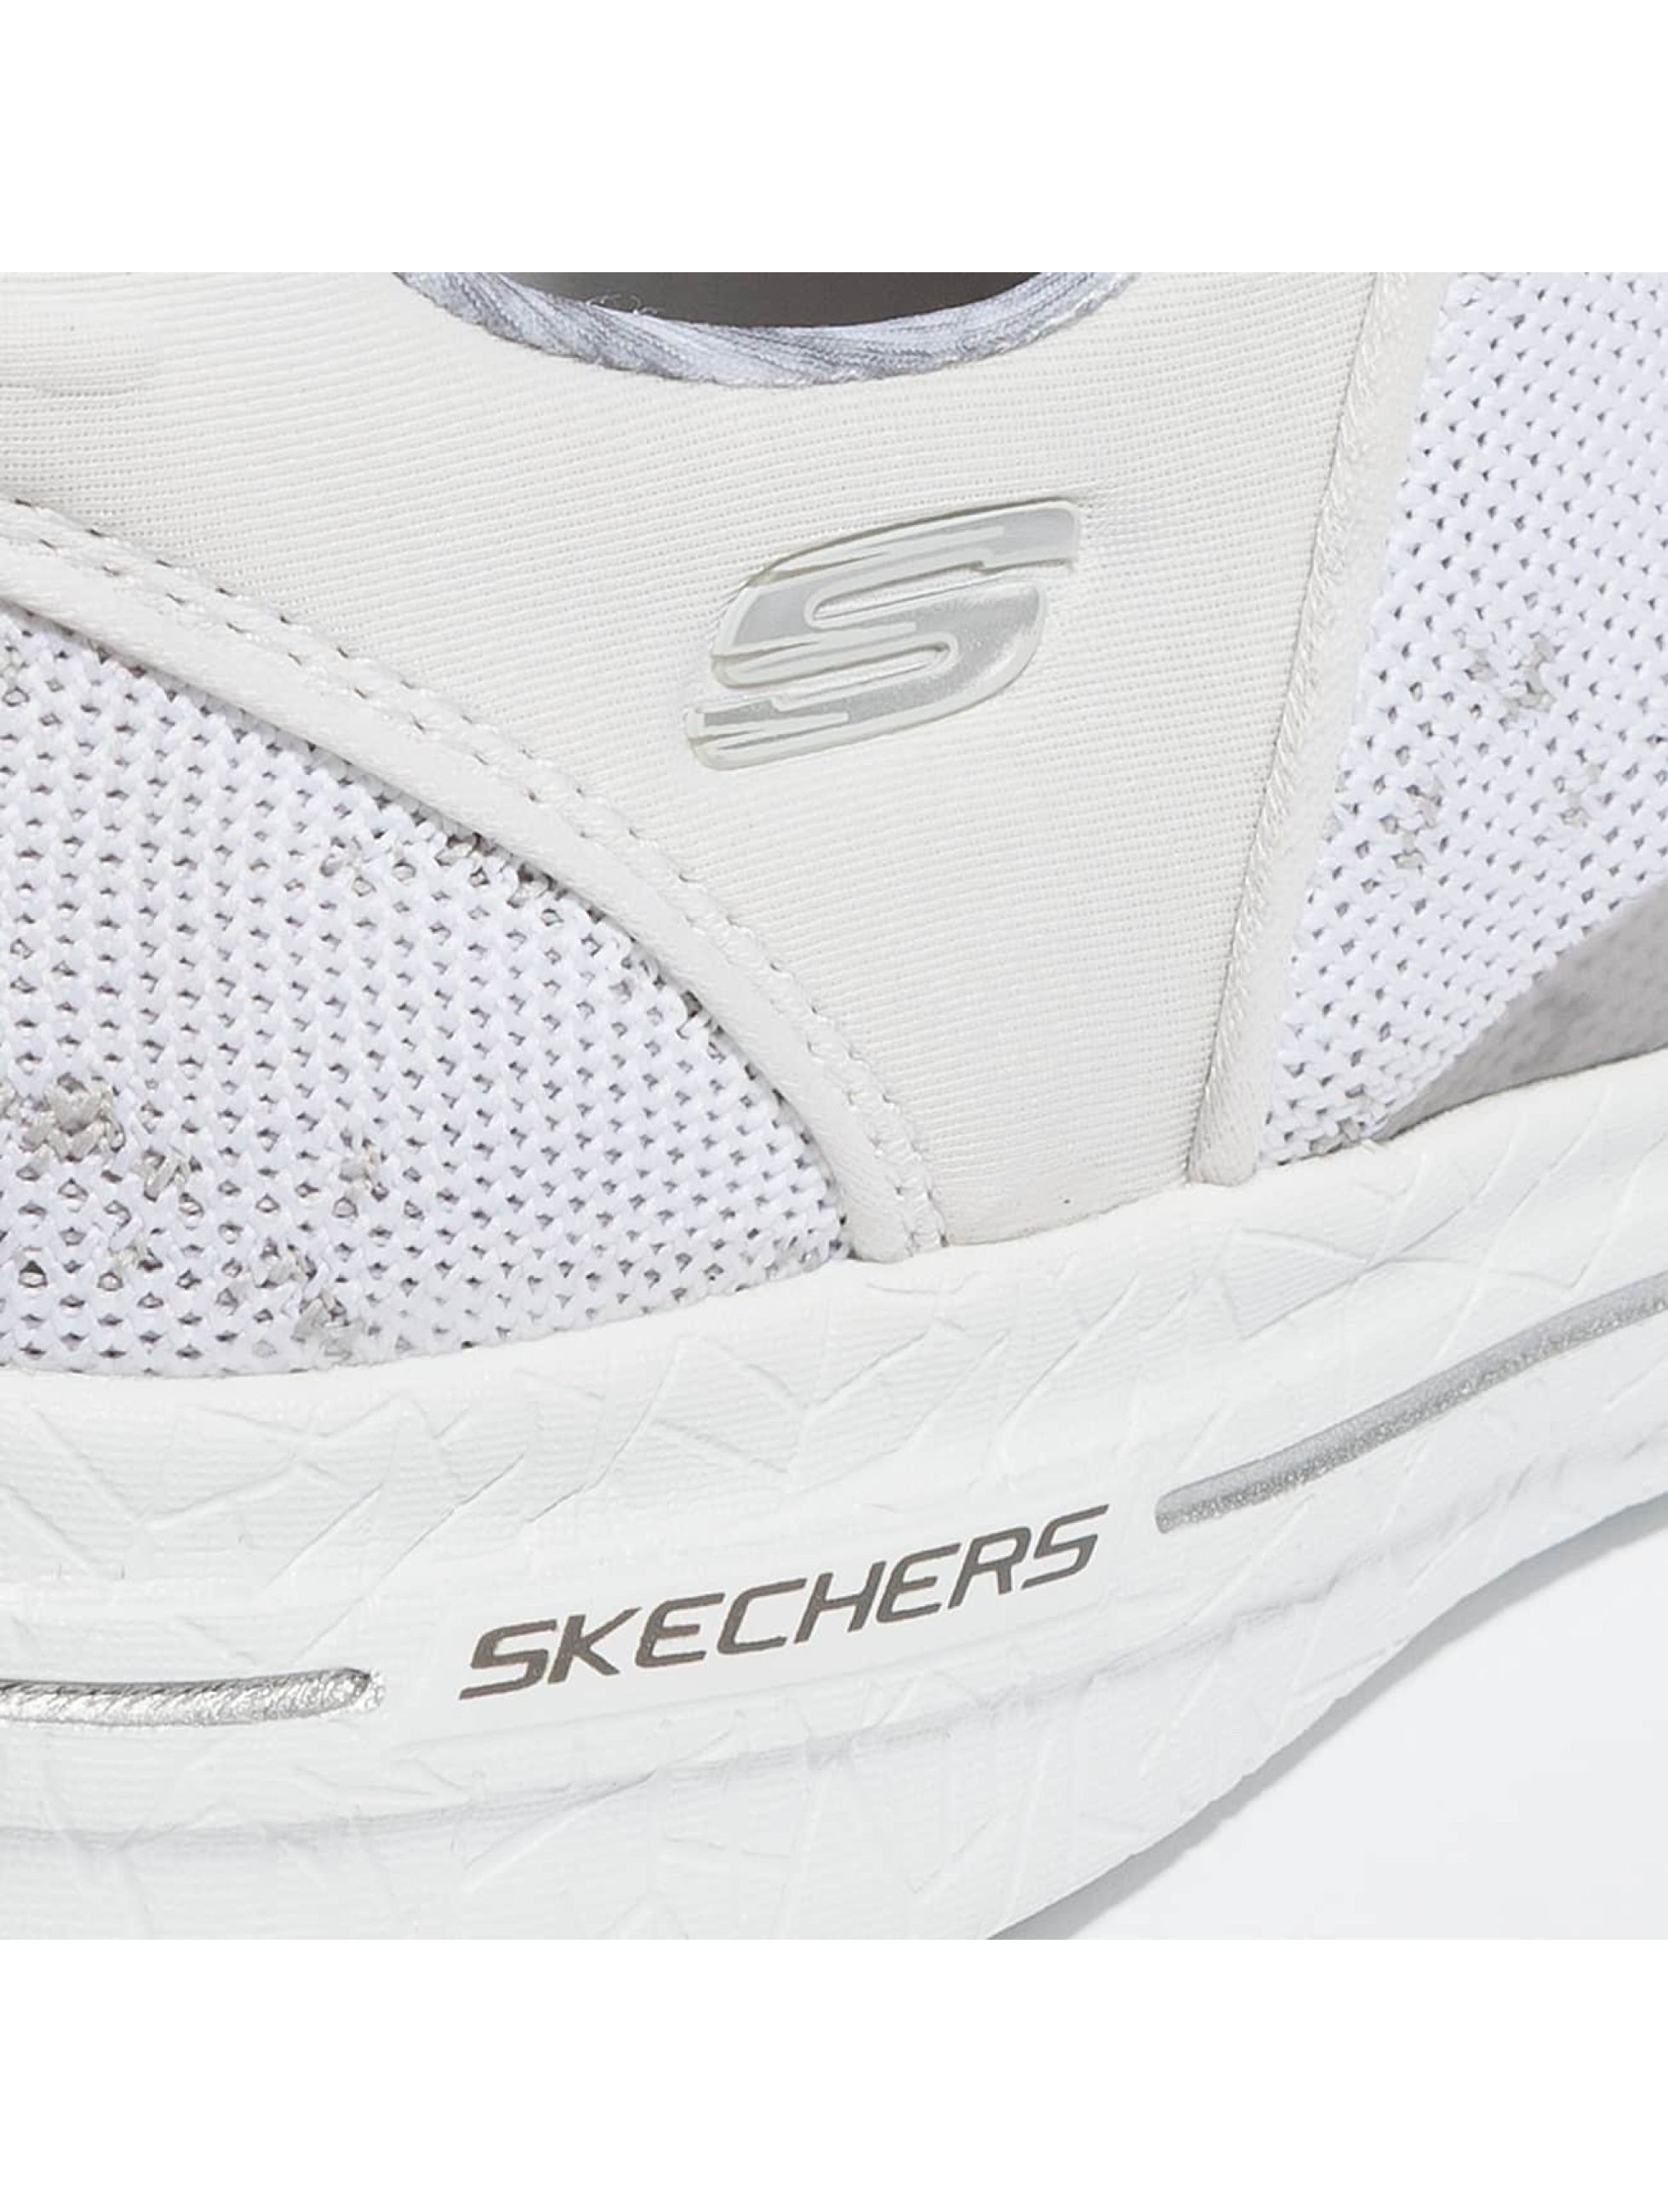 Skechers Sneakers Burst white